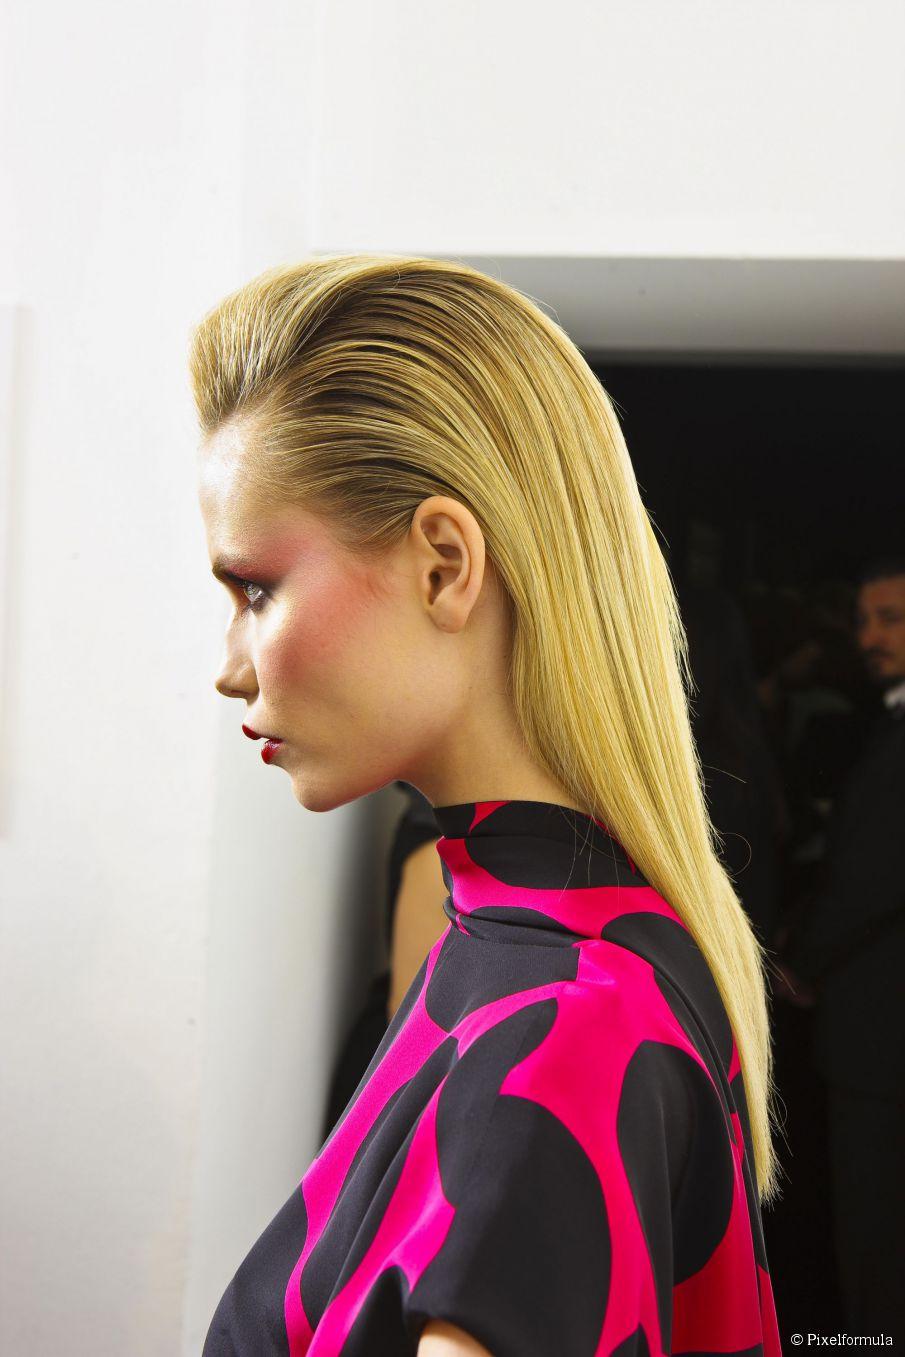 10 Wet Look Frisuren für eine Nacht: Fotogalerie